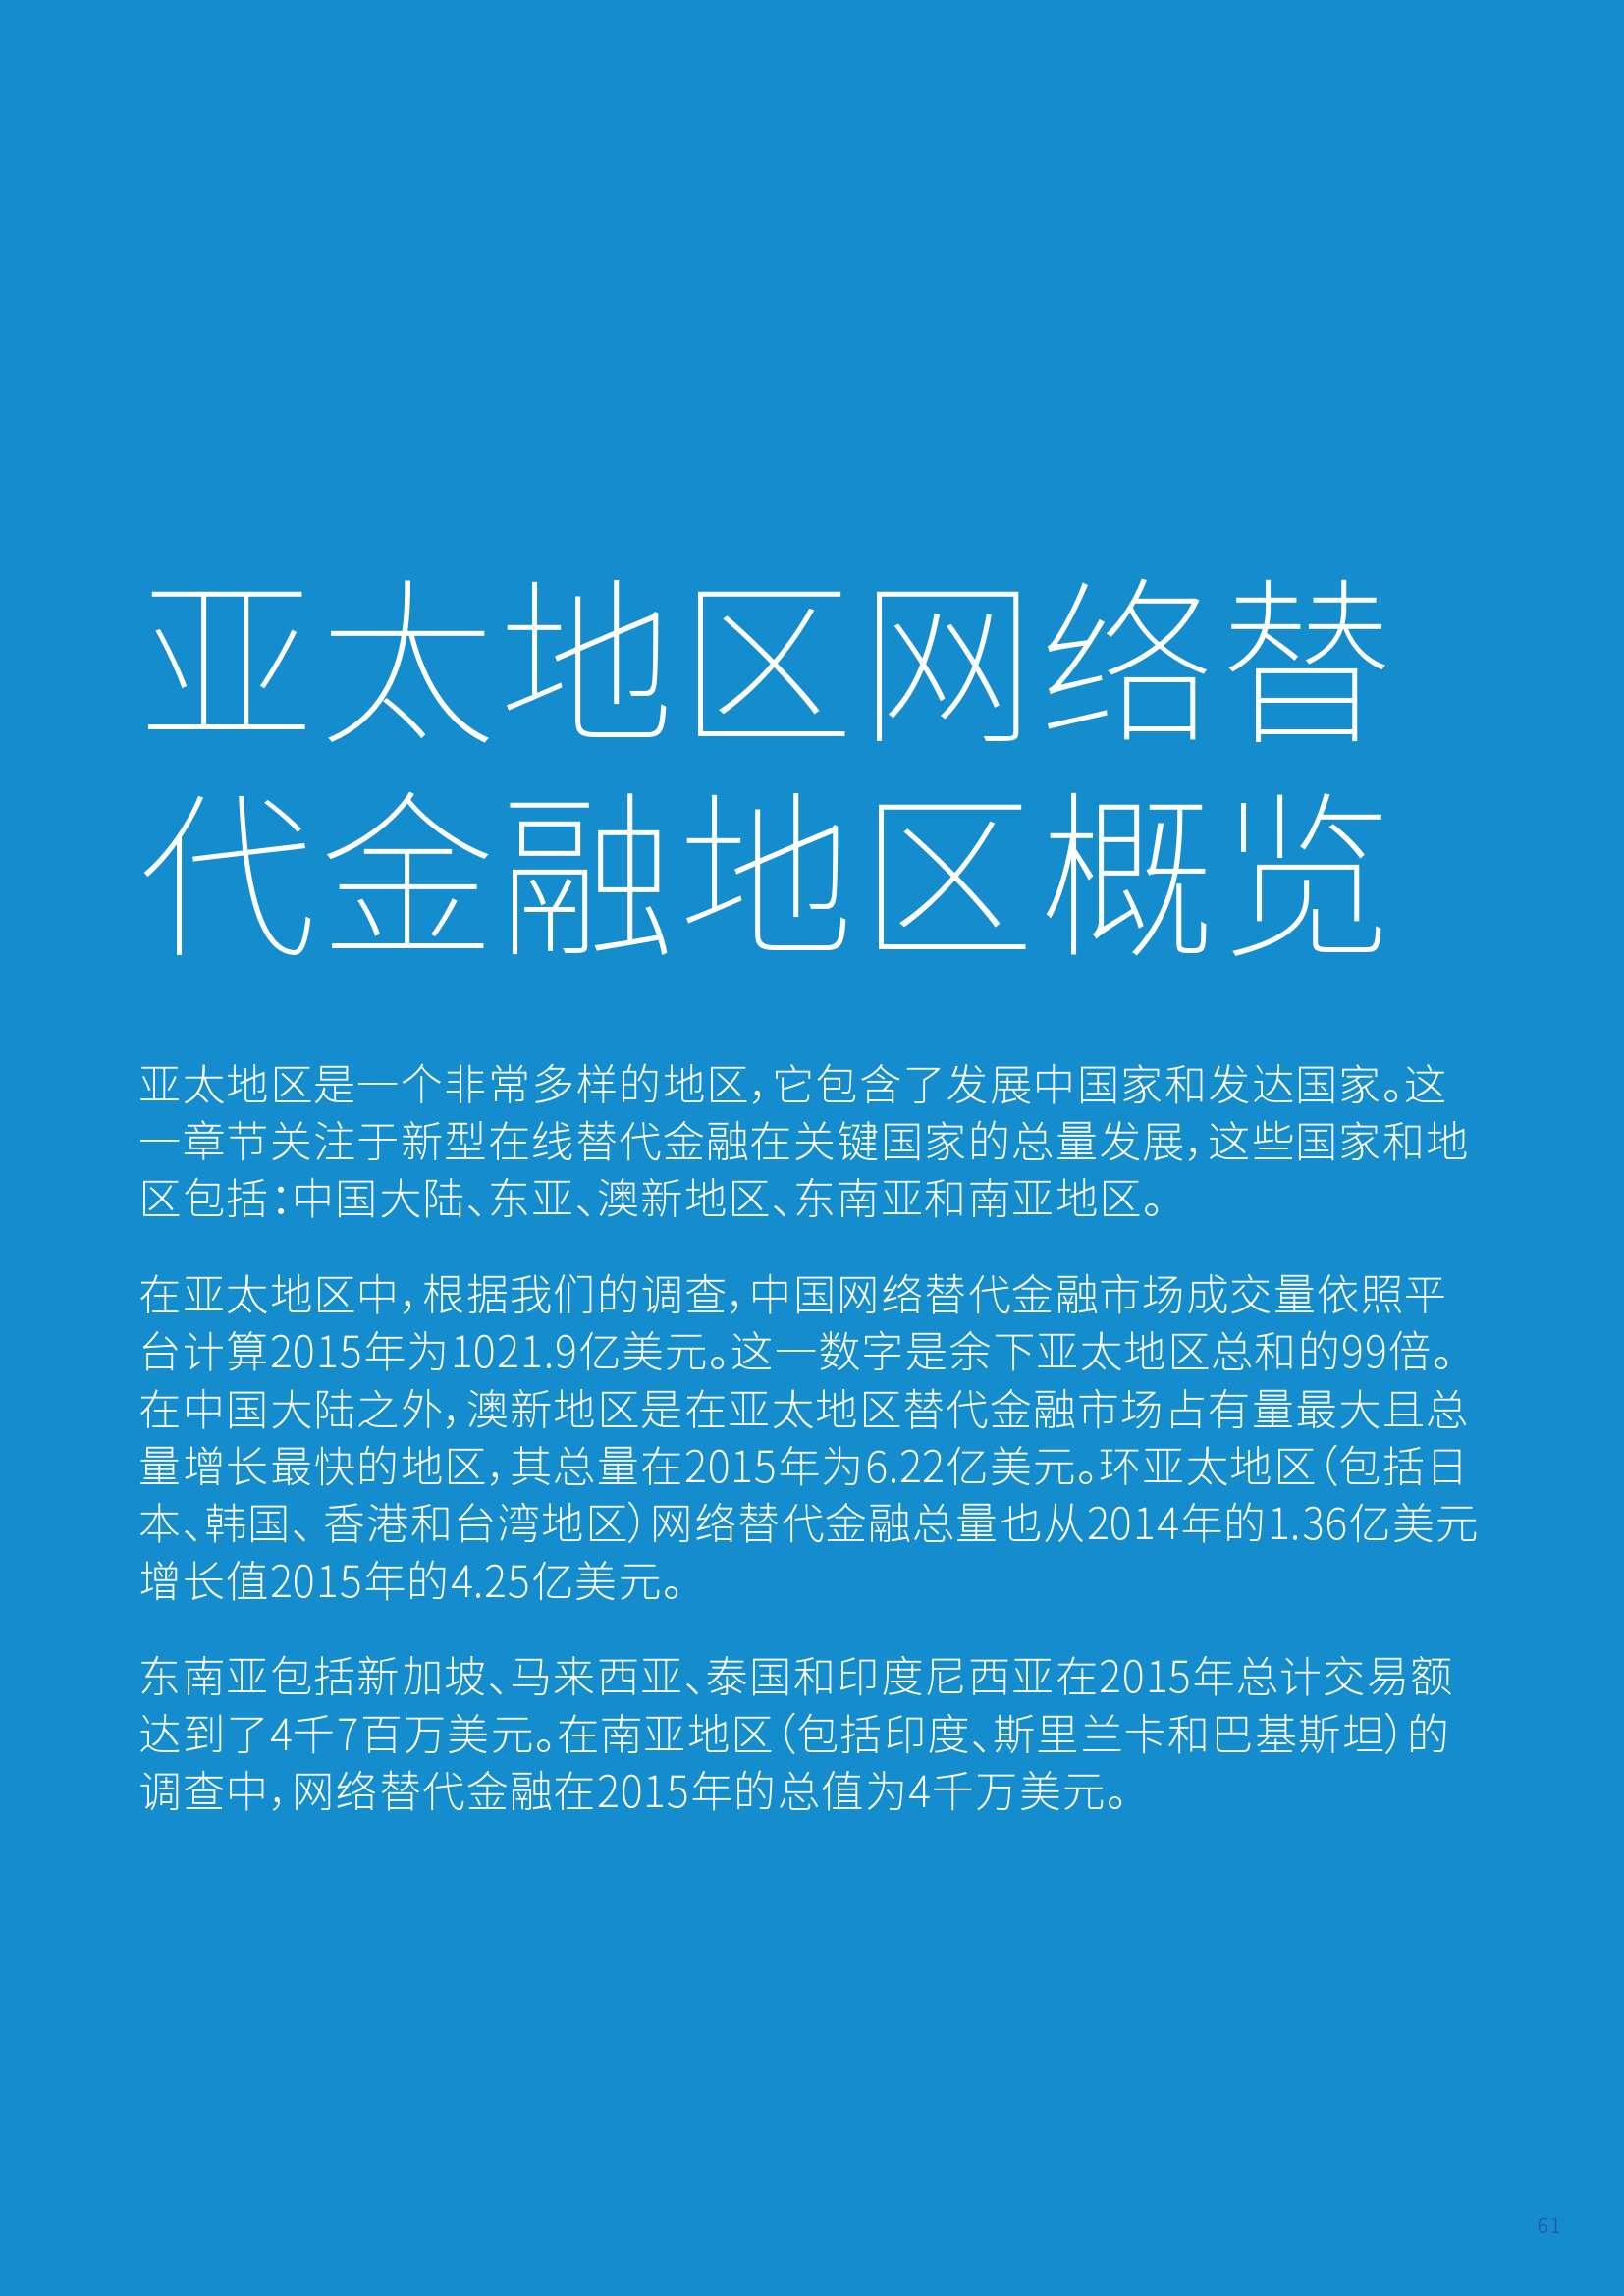 亚太地区网络替代金融基准报告_000061